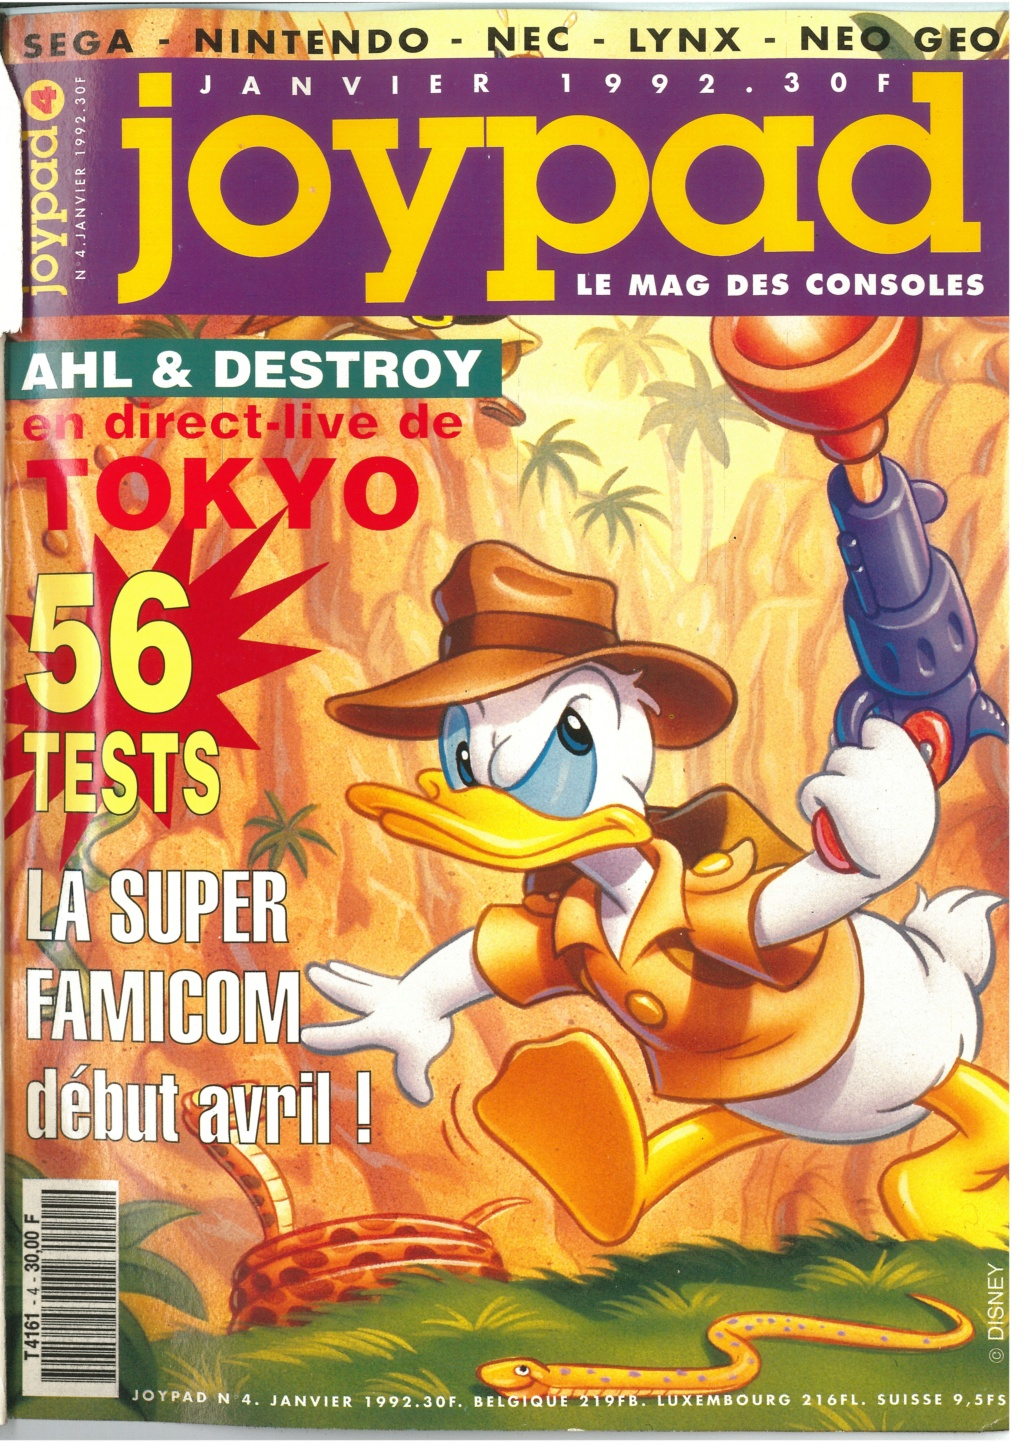 Si vous ne deviez en sauver qu'un... - Page 2 Joypad10